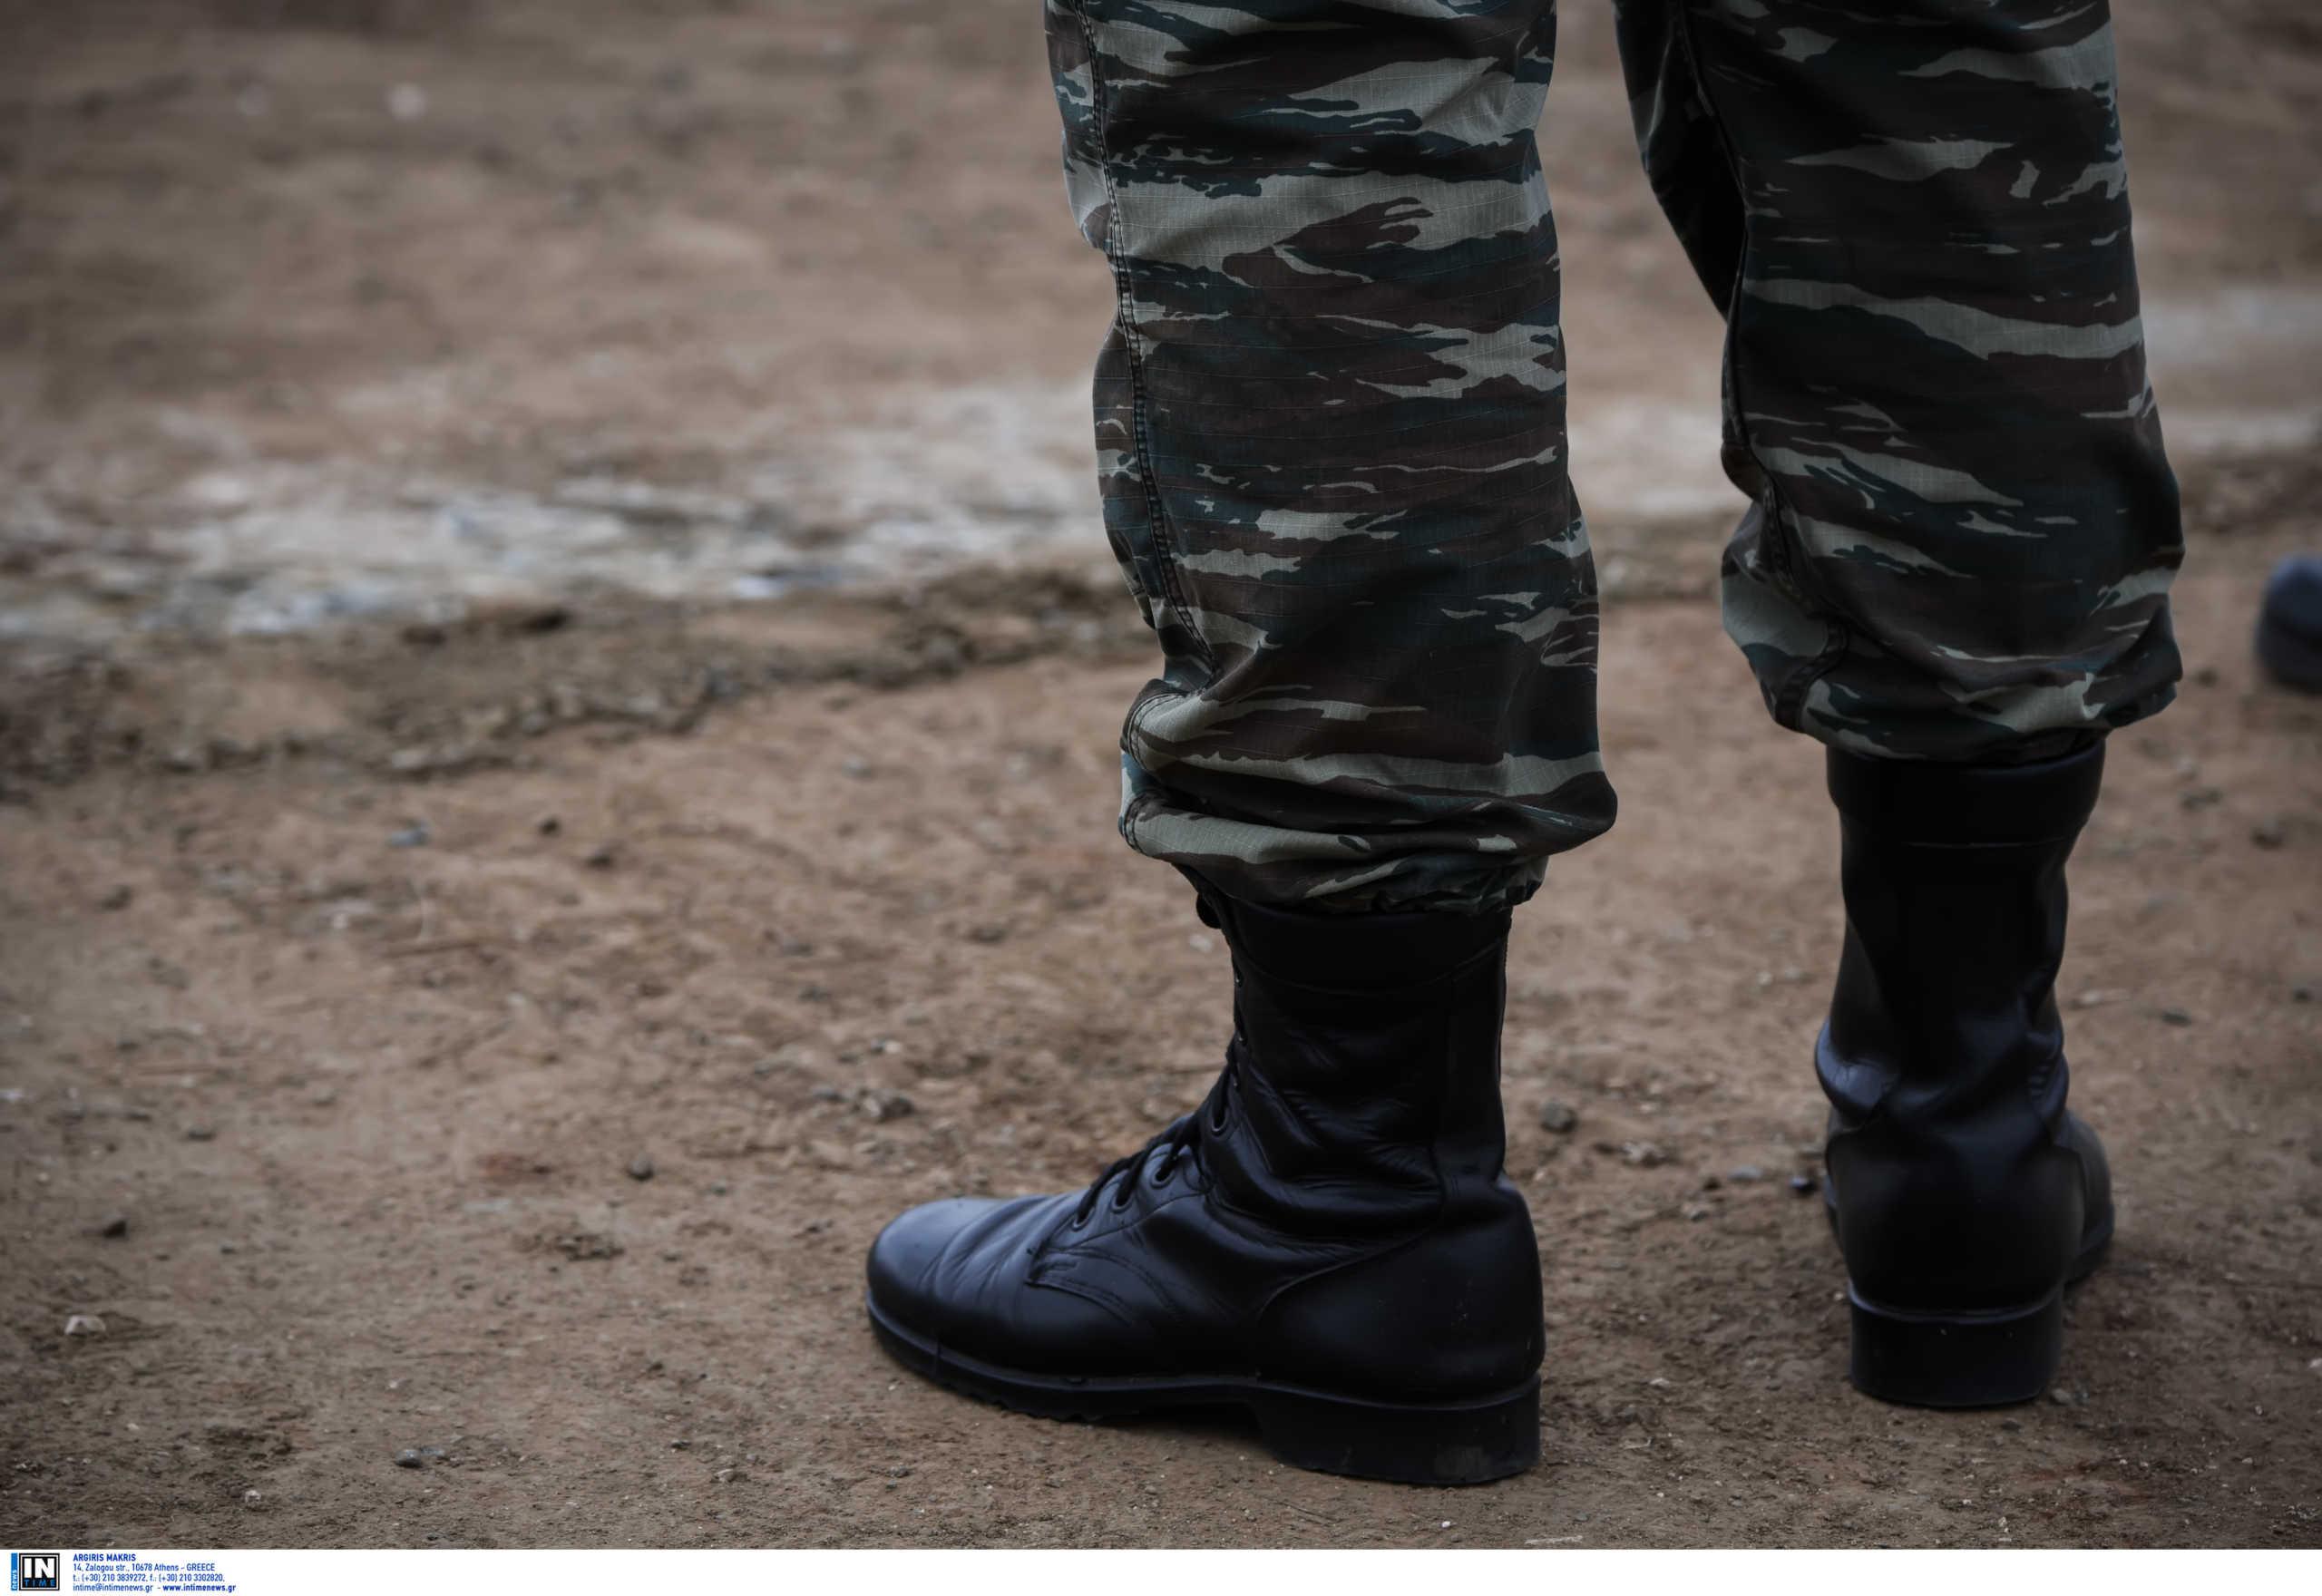 Κεφαλονιά: Ανοίγουν κλειστά στόματα μετά την αυτοκτονία στρατιώτη – «Ο Κυριάκος ήταν ένας αγαθός γίγαντας» (video)